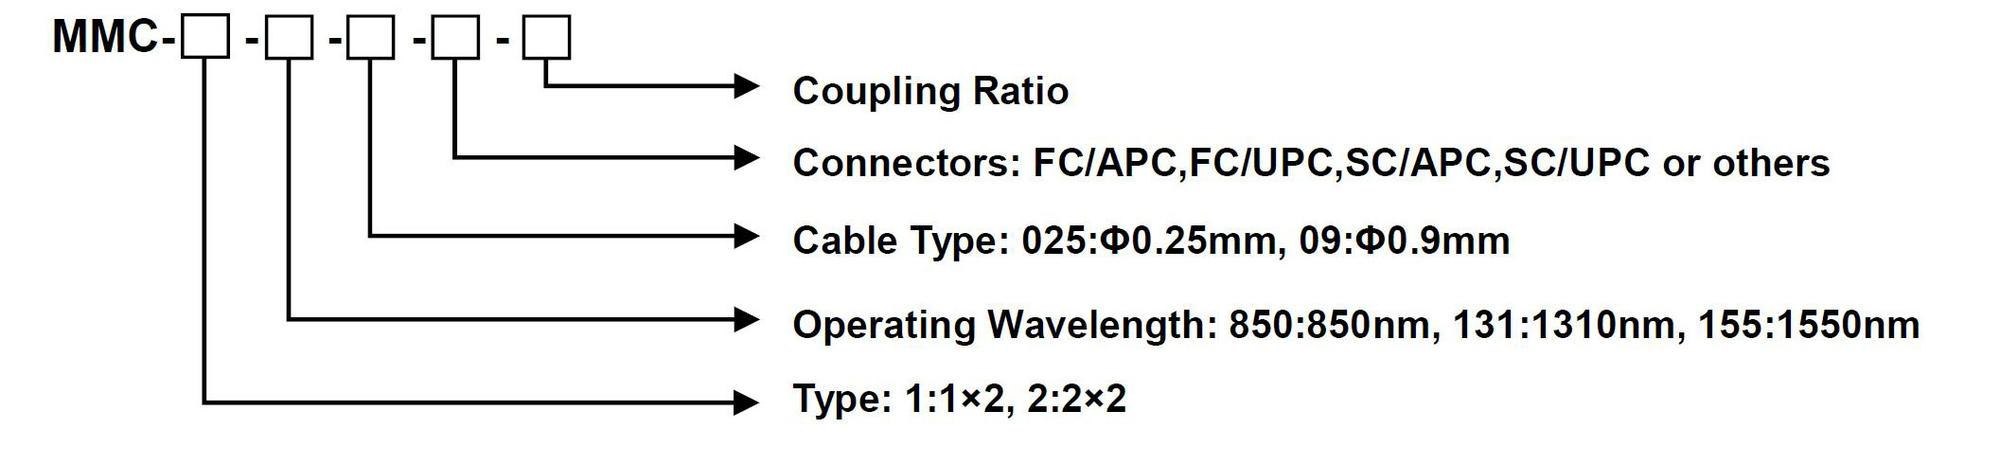 1.1.3 Multi-Mode Fiber Coupler - Single Window